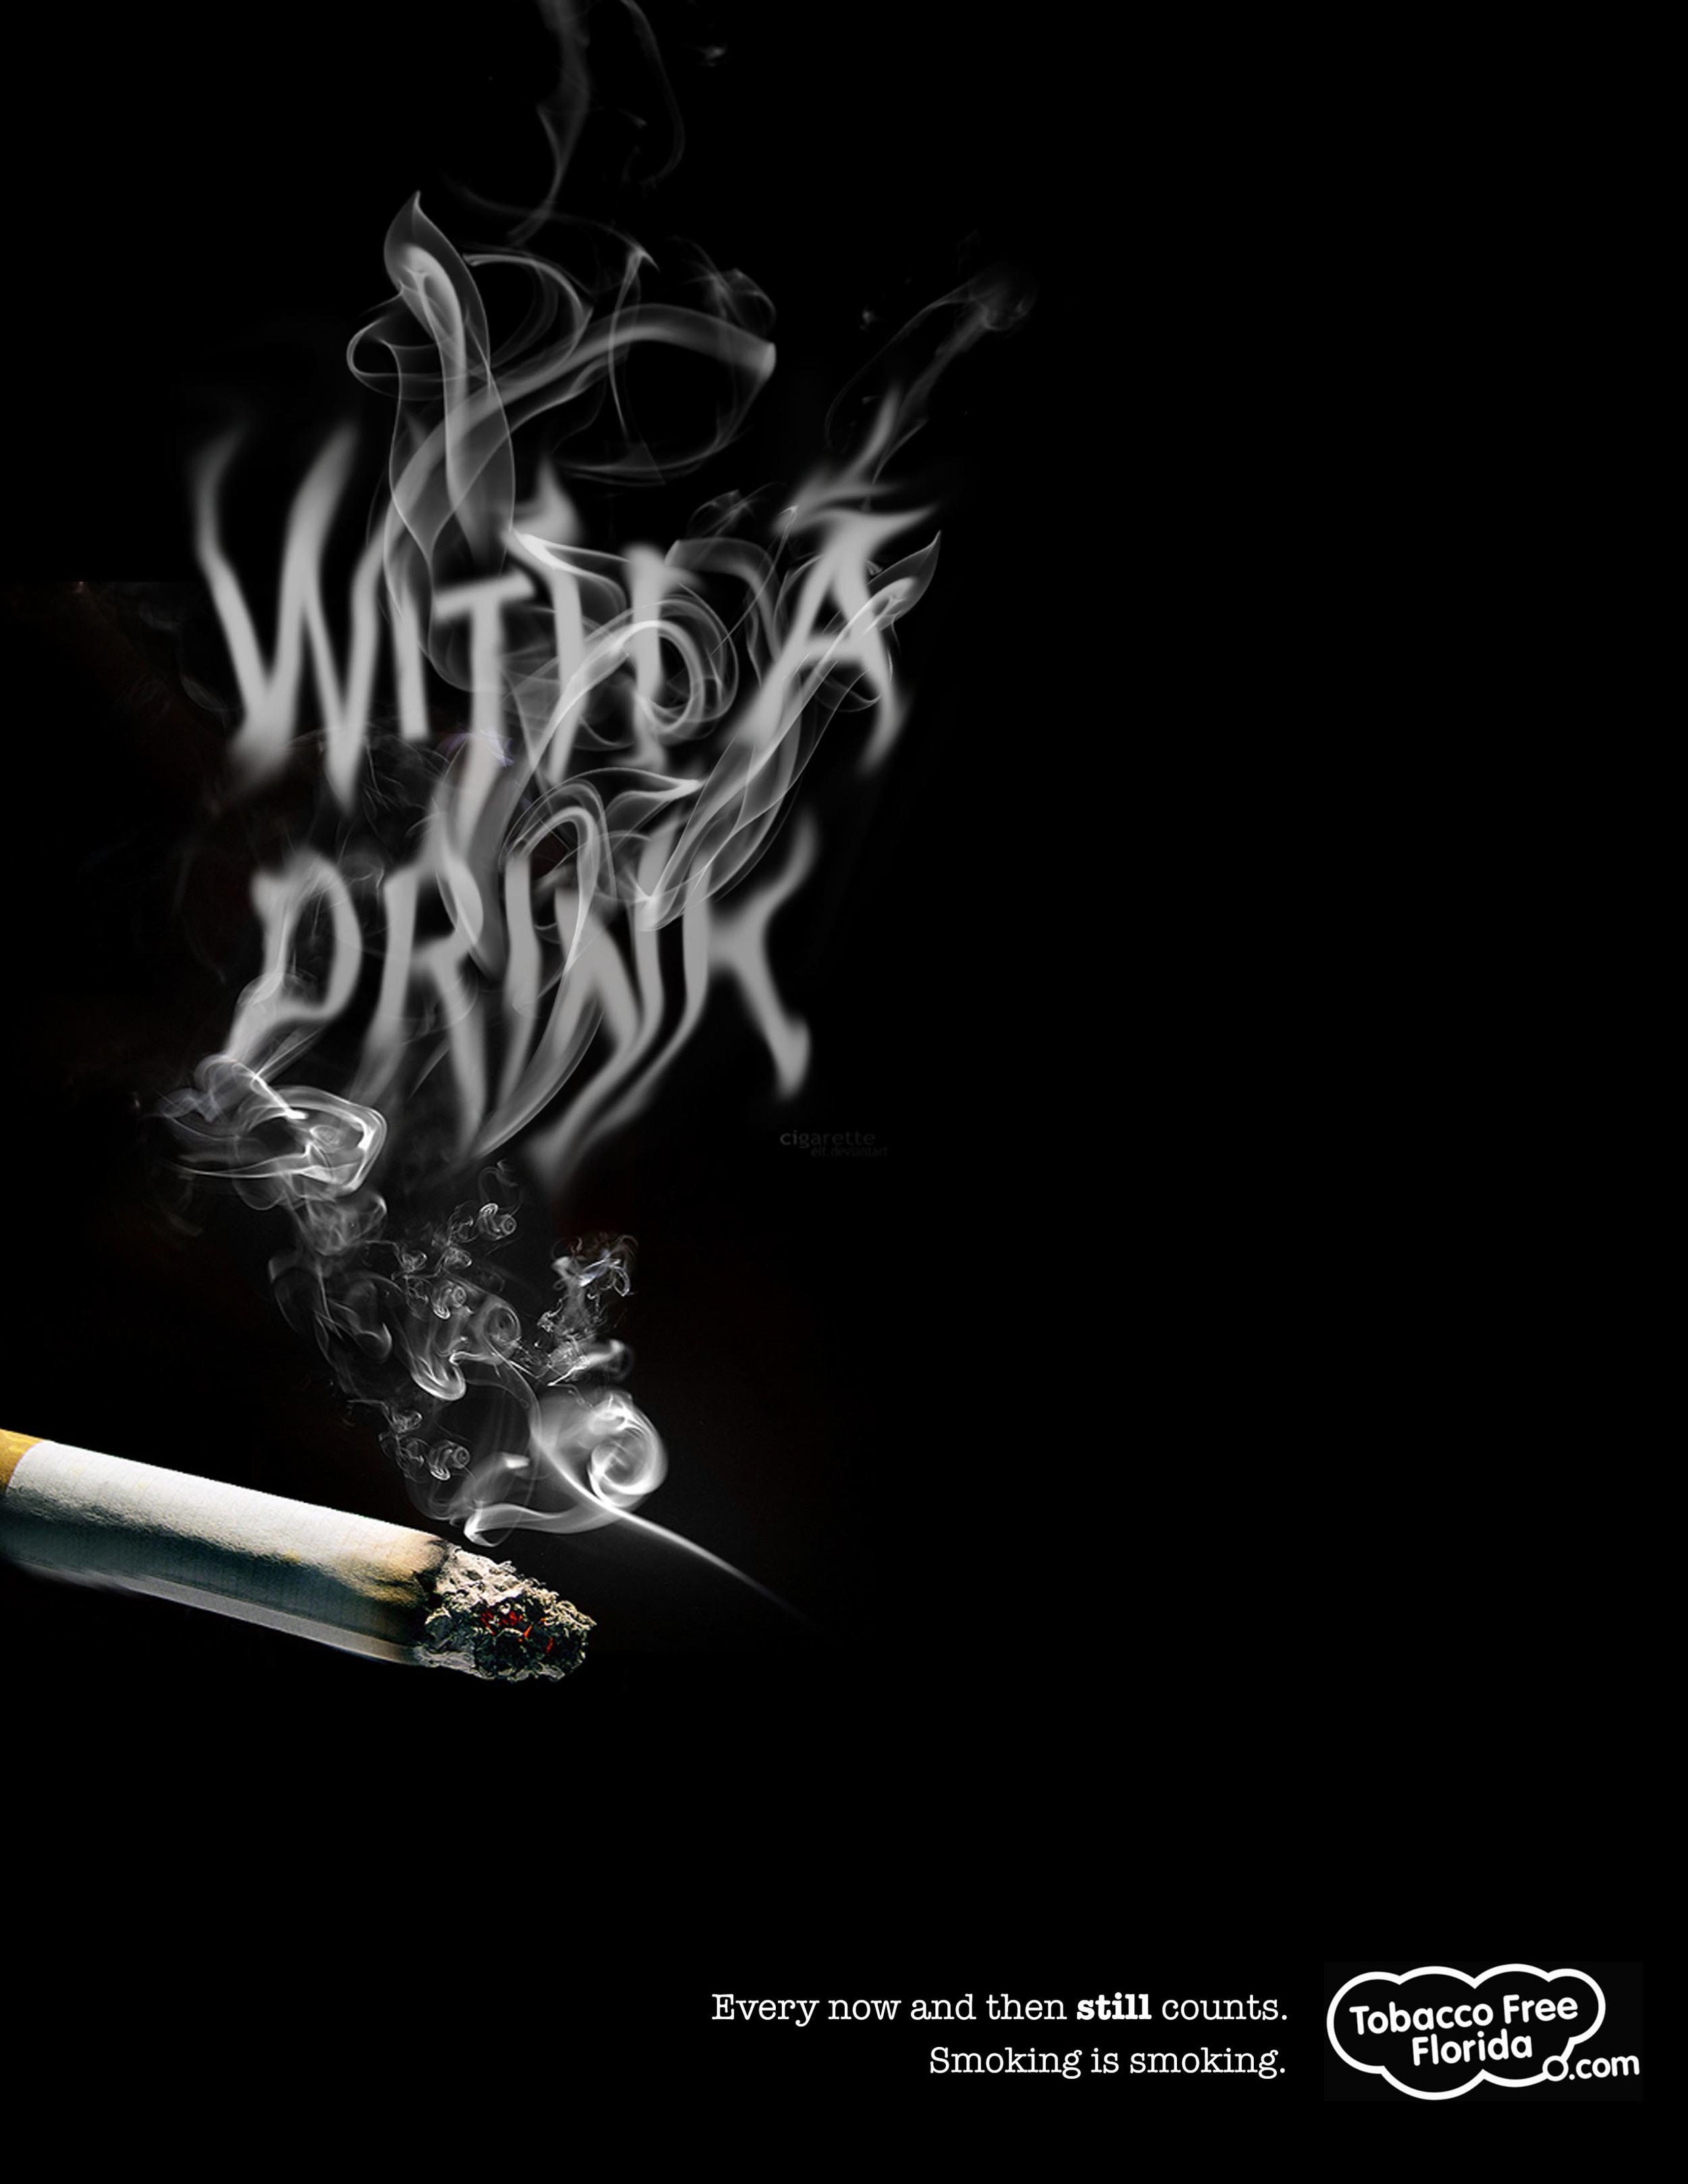 smokeradv2.jpg